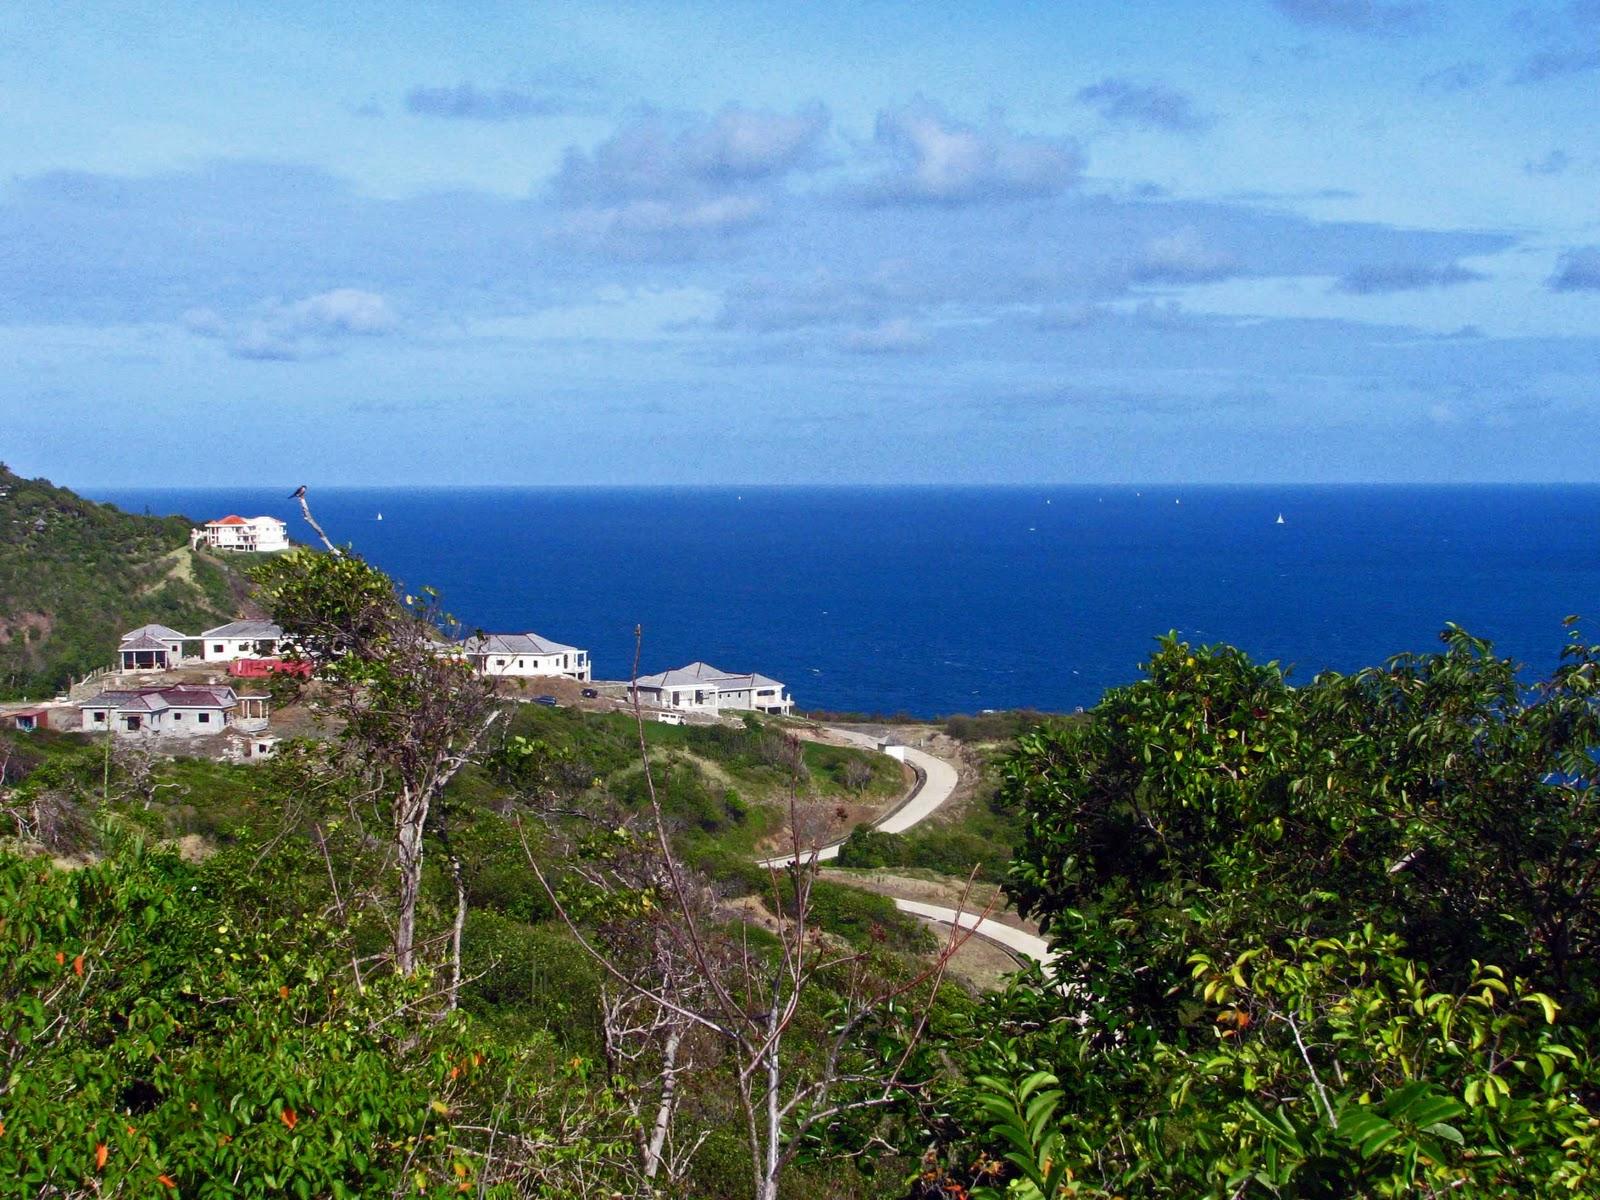 Beach Amp Beyond Travels Caribbean St Lucia Feb 09